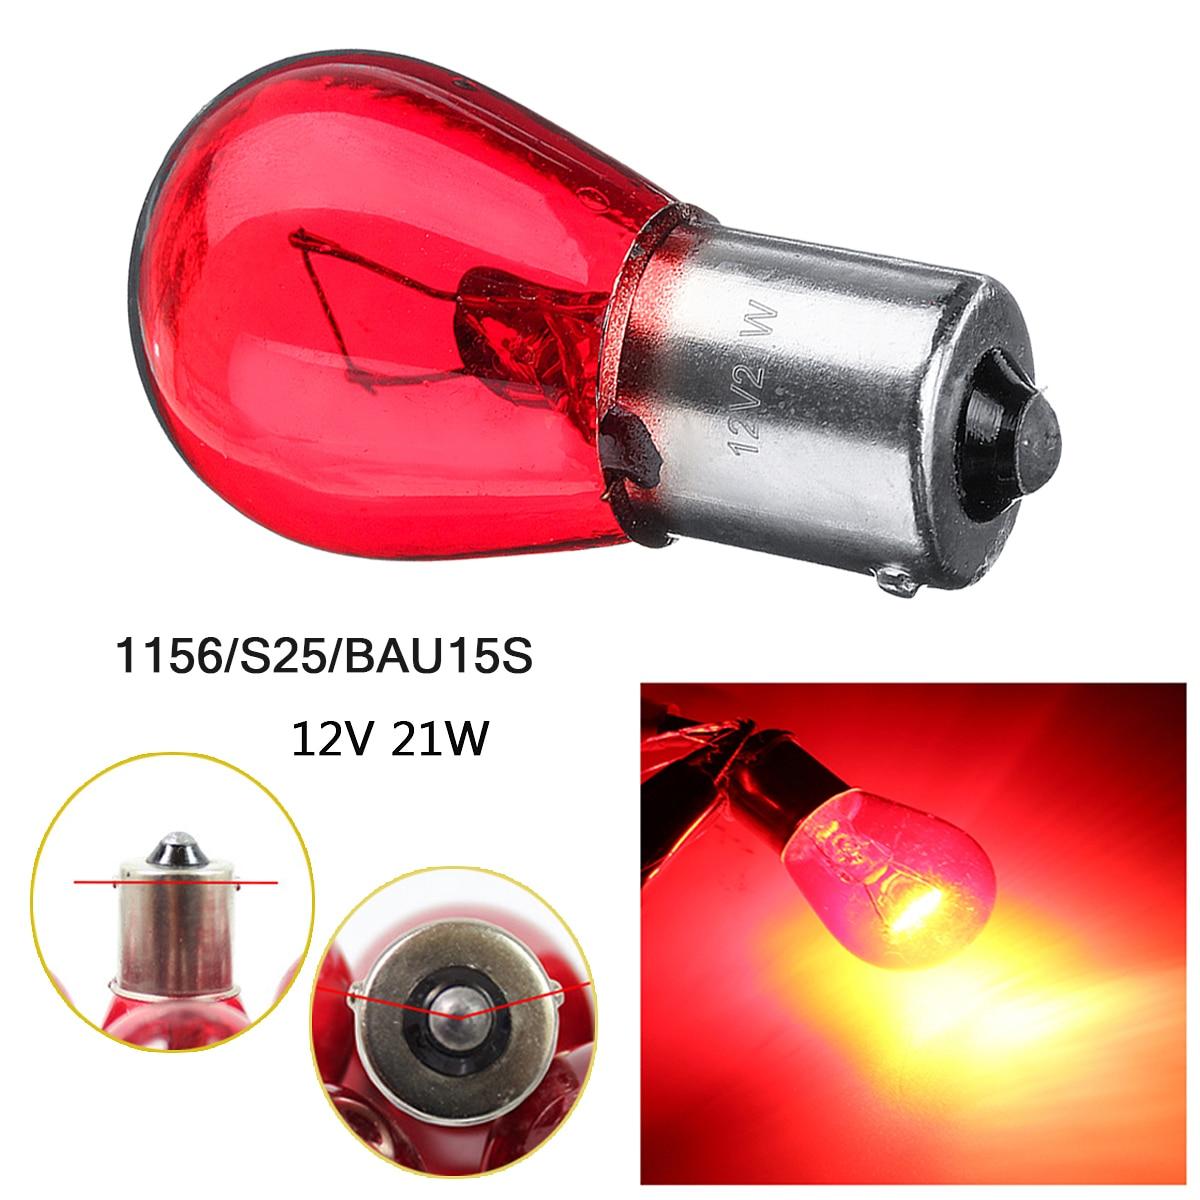 2/4 шт. 1156 S25 BAU15S красный светильник, лампа, стоп-сигнал, указатель поворота, лампа заднего хода